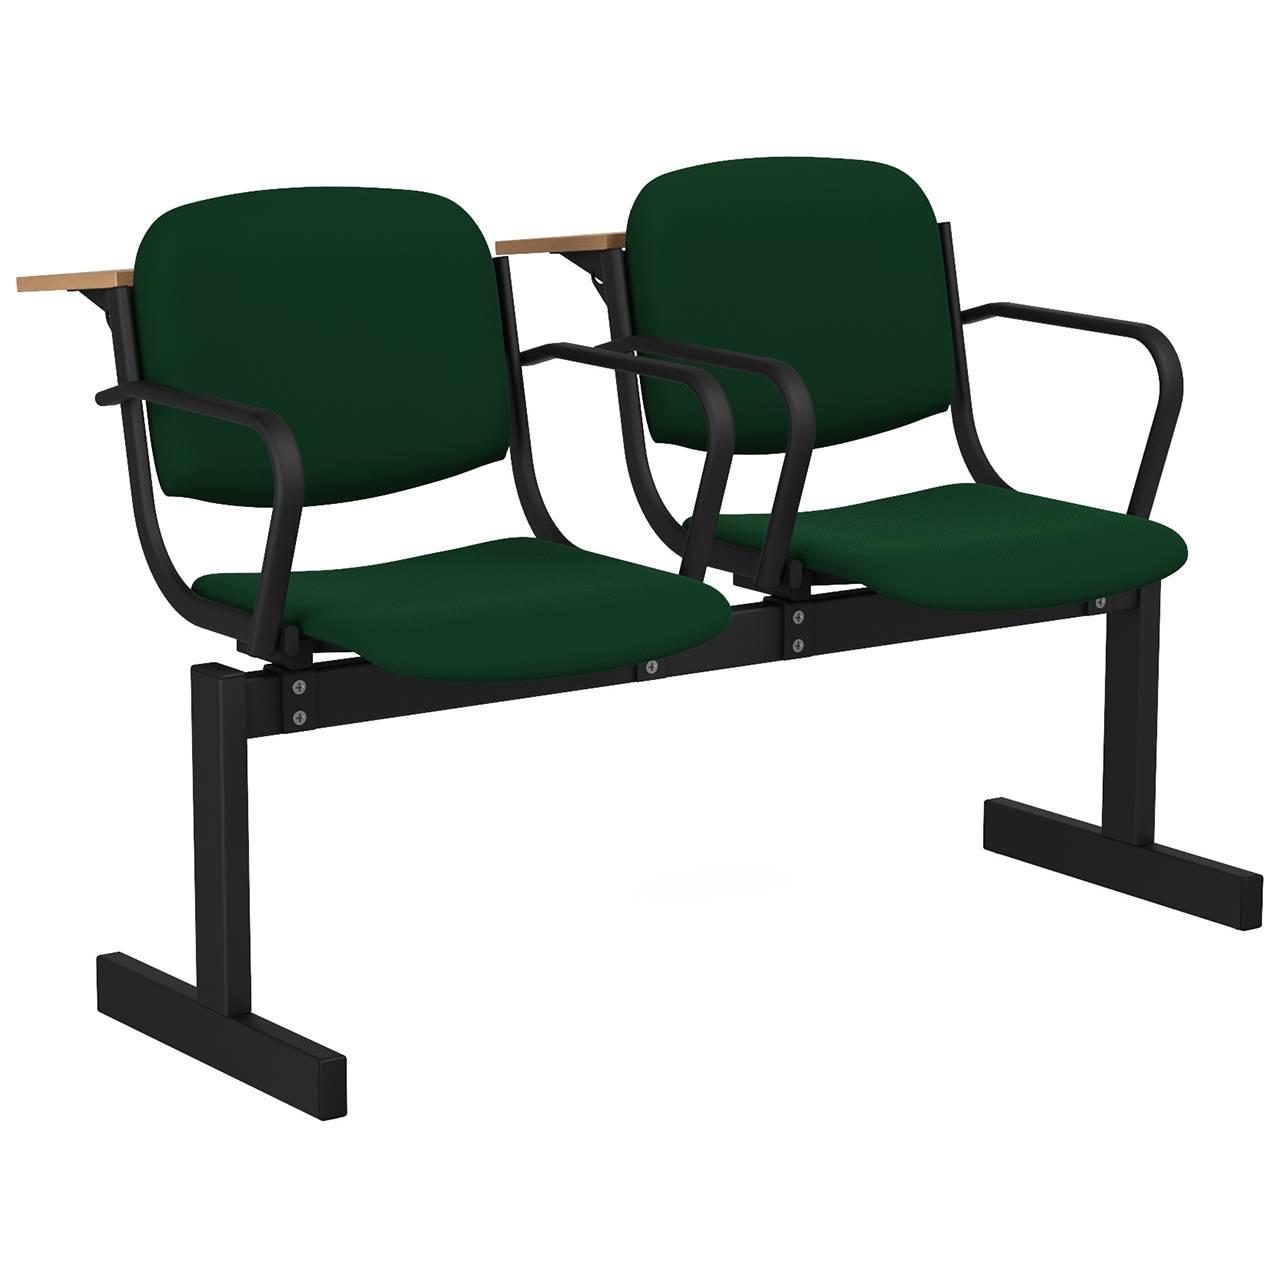 2-местный, не откидывающиеся сиденья, мягкий, подлокотники, лекционный черный зеленый Флок